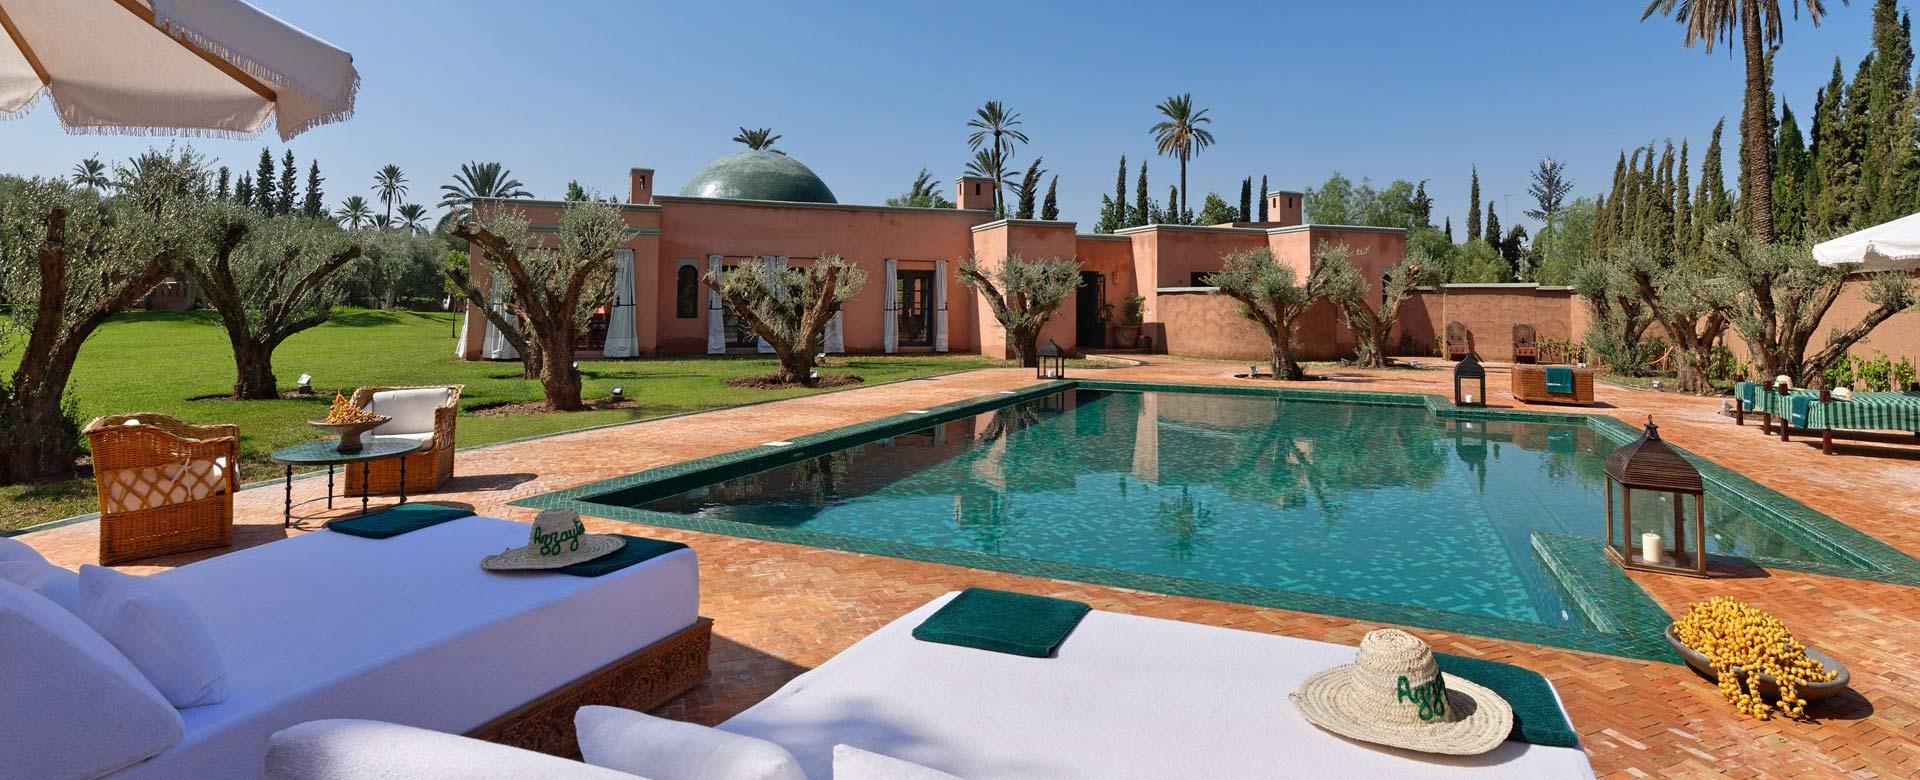 Alquiler casa en marrakech alquiler casa de lujo for Alquiler de casas con piscina